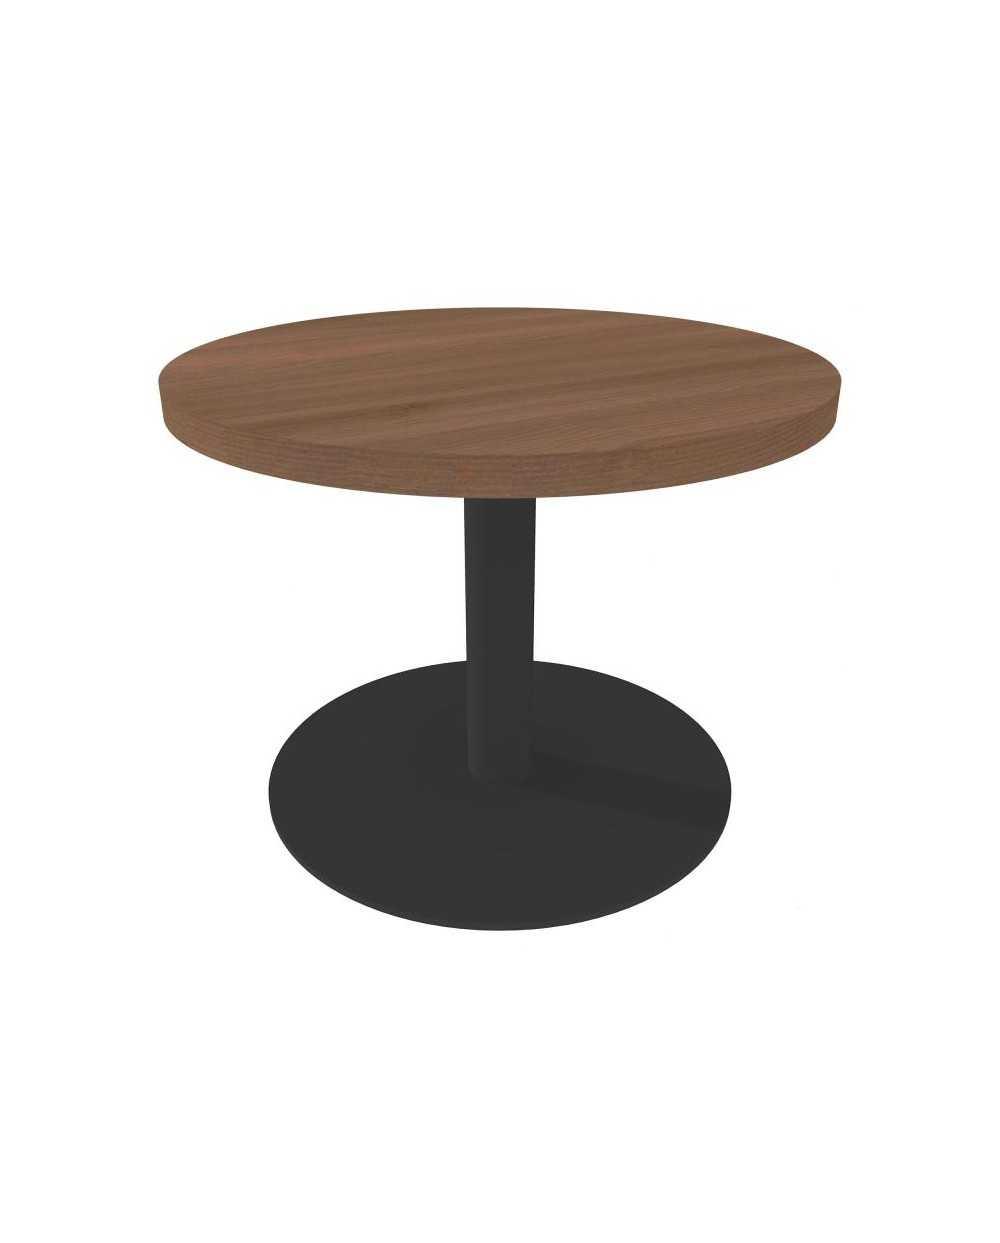 Table de salon ronde avec pied central, Æ 60 cm x 45 cm, noyer.